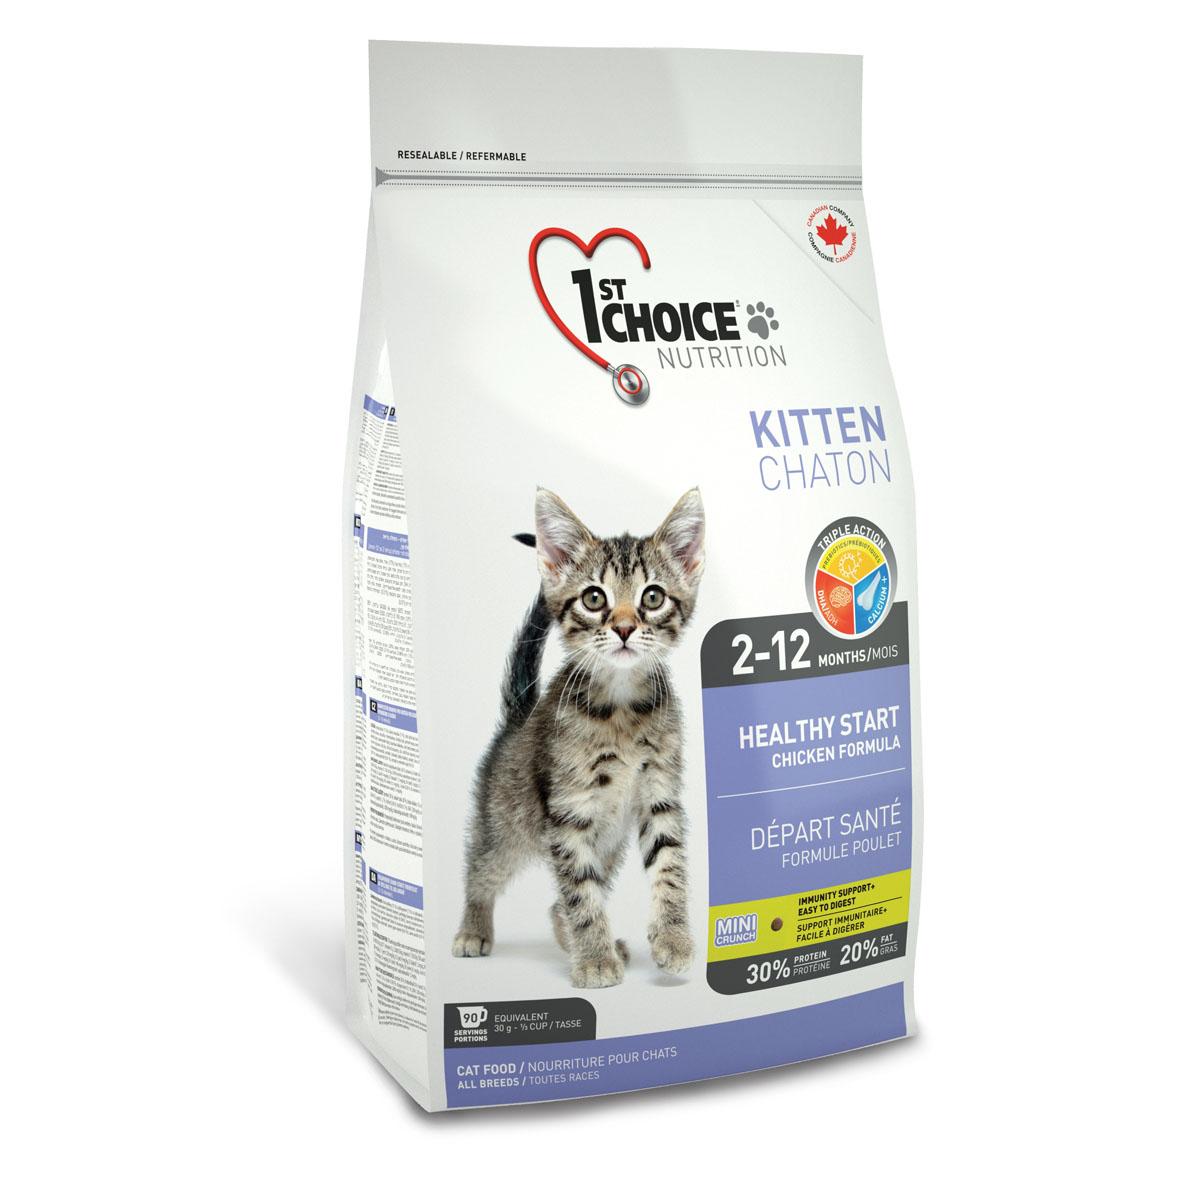 Корм сухой 1st Choice Kitten для котят, с курицей, 350 г56660Сухой корм 1st Choice Kitten идеальная формула для начального прикорма котенка с 2 месяцев, когда он нуждается в новых источниках питания вместо материнского молока. При этом нет необходимости разделять котенка с мамой. Корм содержит все необходимое не только для растущего организма, но и для беременных и кормящих кошек. Оптимальное питание для старта в здоровую жизнь! Мелкие гранулы легко усваиваются в организме котенка,укрепляя иммунитет, полученный от матери. Входящий в состав жир лосося - самый лучший источник DHA (докозагексаеновой кислоты), которая обеспечивает оптимальное развитие центральной нервной системы, головного мозга и зрения. Пребиотики поддерживают иммунитет и способствуют хорошему пищеварению, кальций - правильному развитию костной системы котёнка. DHA развивает центральную нервную систему, головной мозг и зрение. Ингредиенты: свежая курица 17%, мука из мяса курицы 17%, рис, куриный жир, сохраненный смесью натуральных токоферолов...